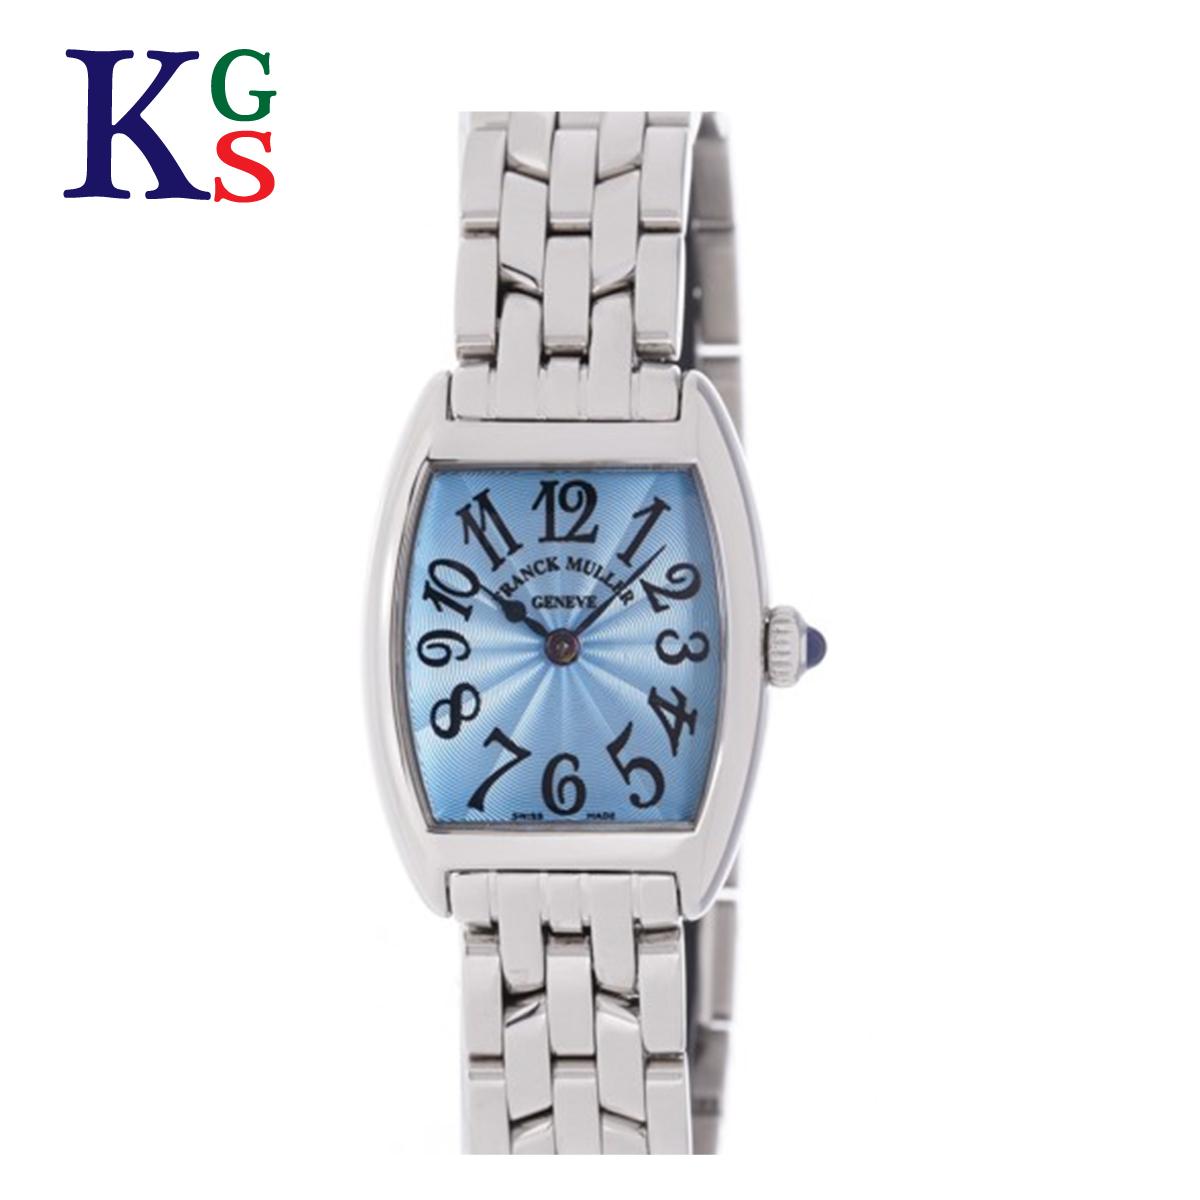 【ギフト品質】フランクミュラー/FRANCK MULLER レディース 腕時計 トノーカーベックス ステンレススチール ブルーギョウシェ文字盤 クオーツ 2251QZ